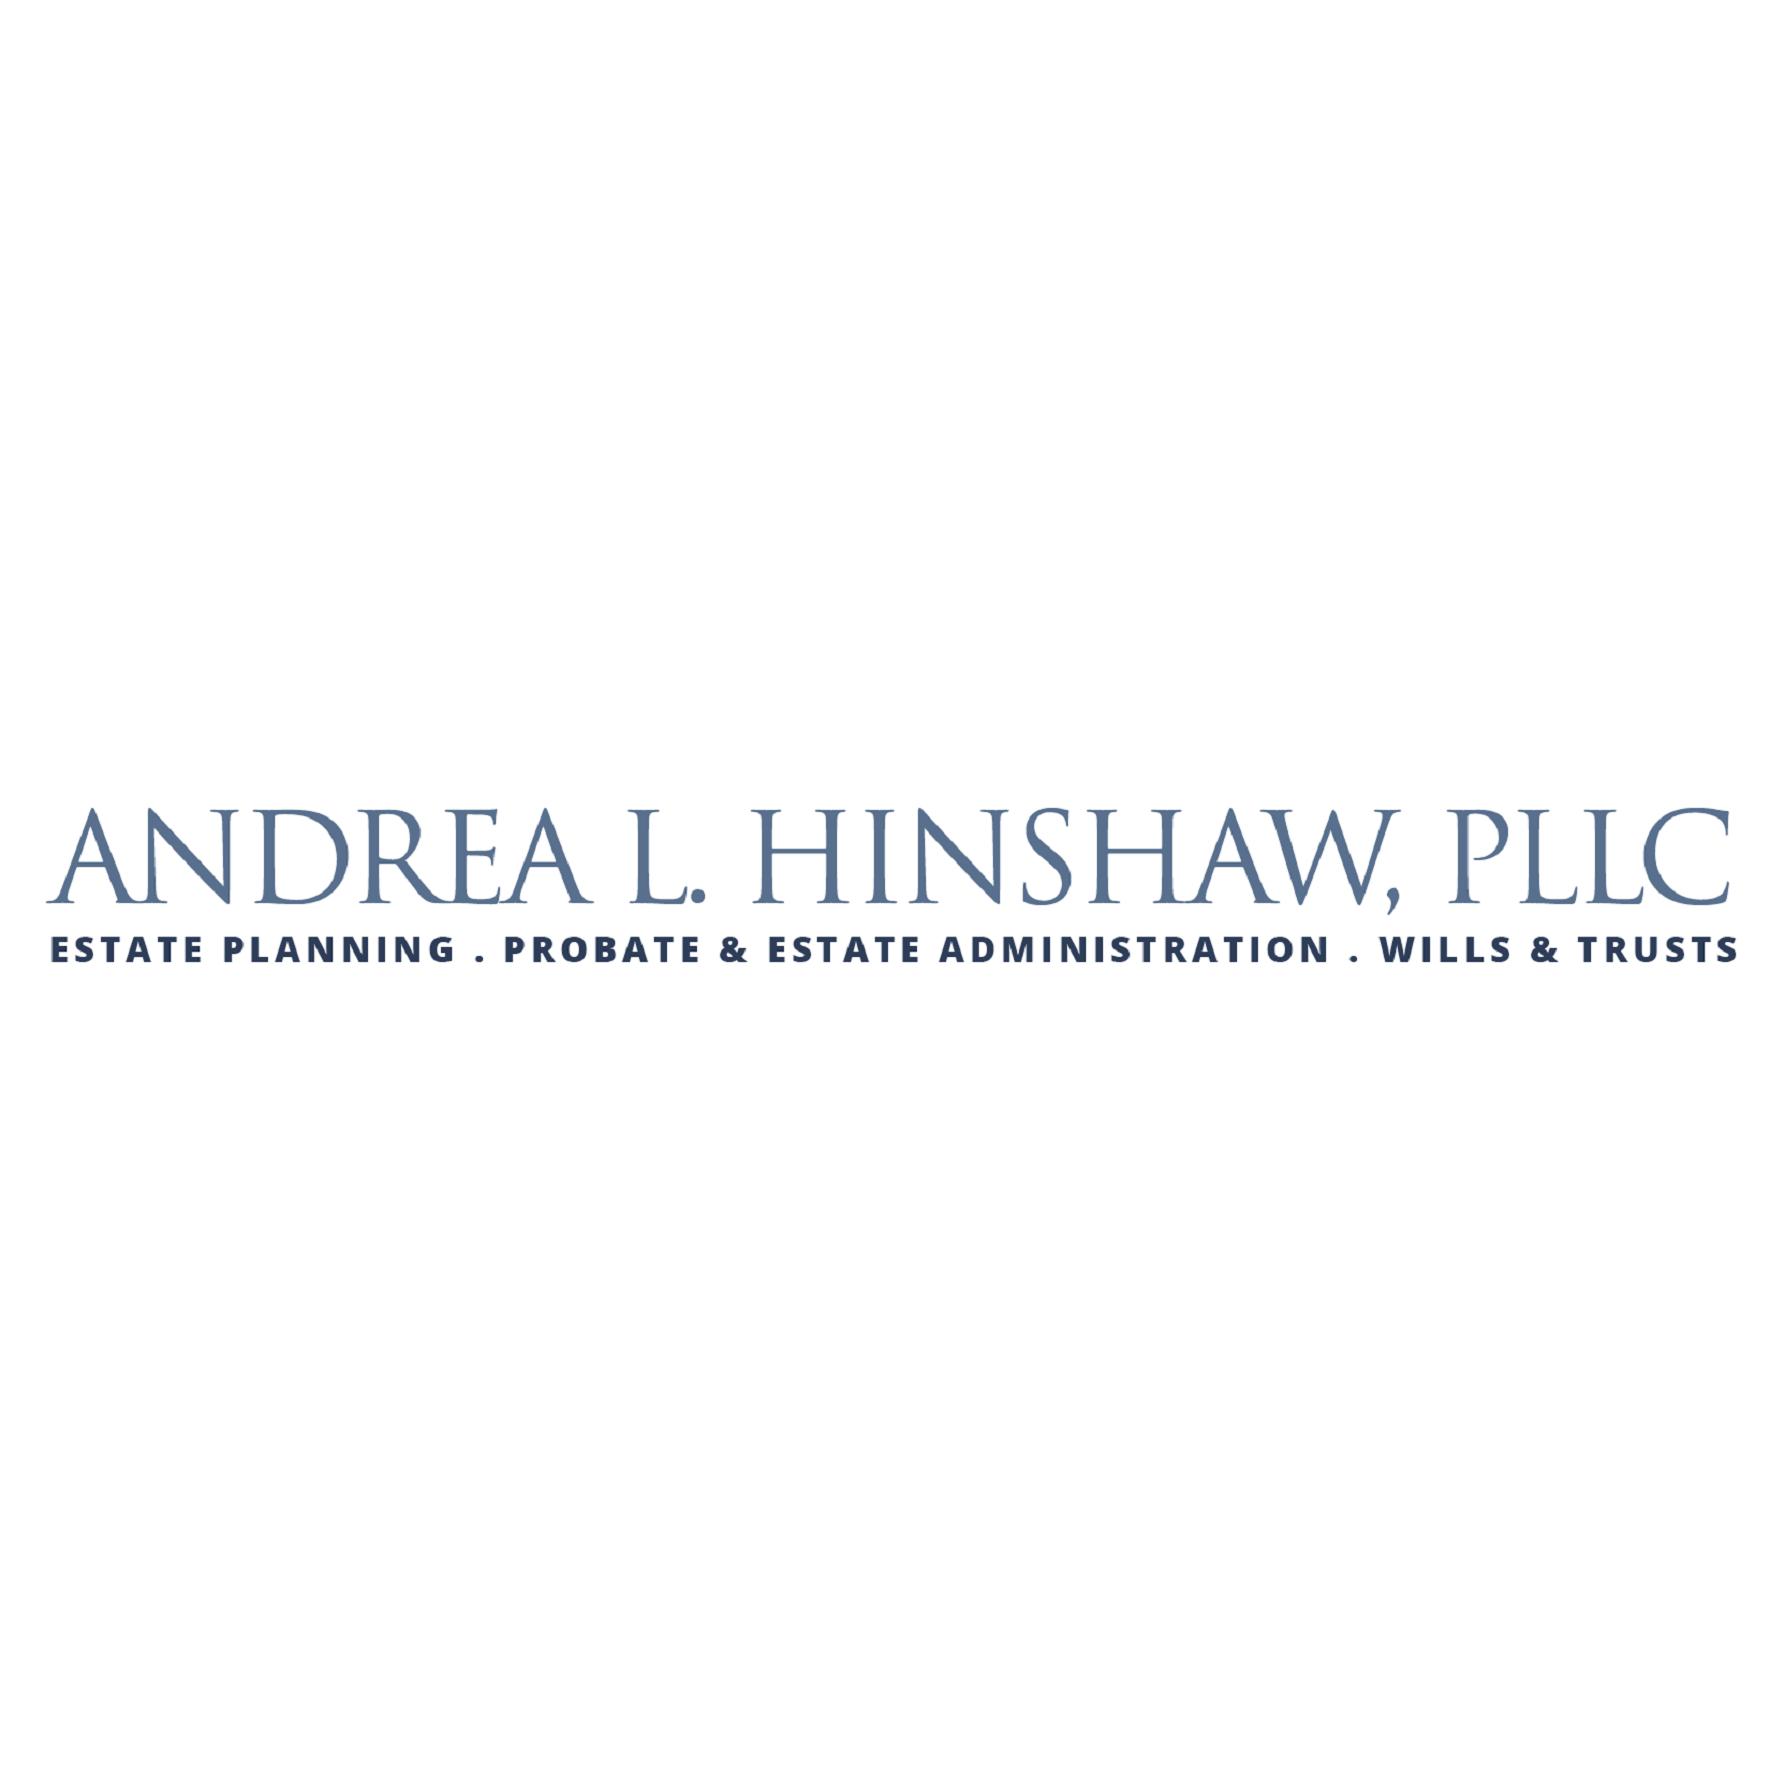 Andrea L. Hinshaw, PLLC